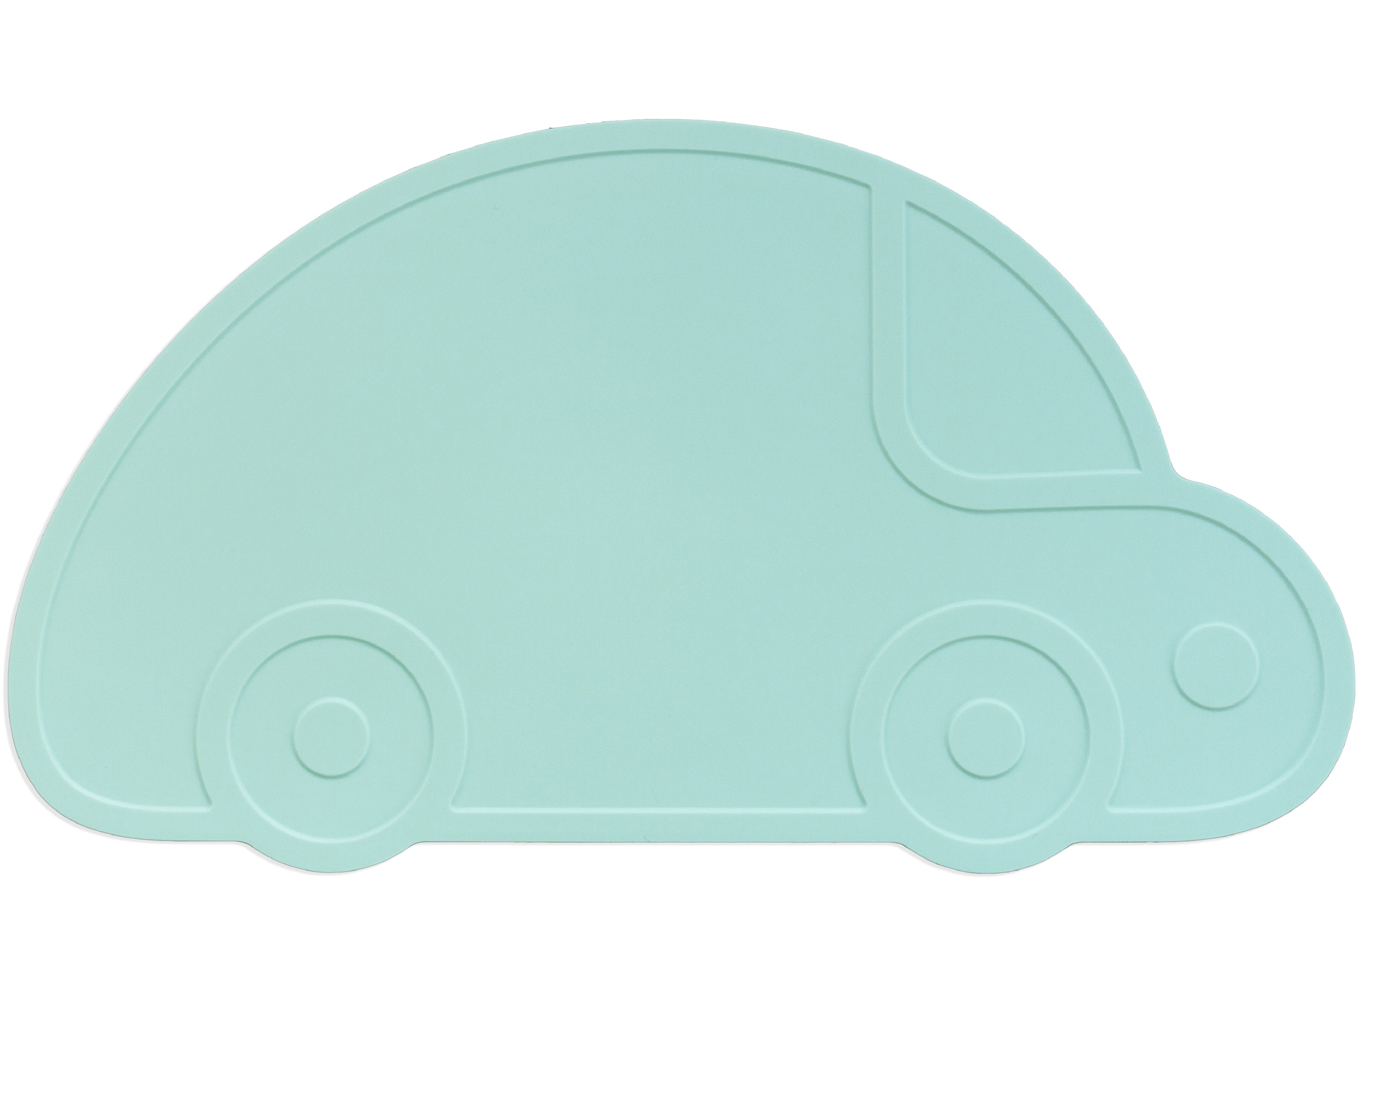 Dækkeserviet fra kg design - rally - mint fra Kg design på babygear.dk